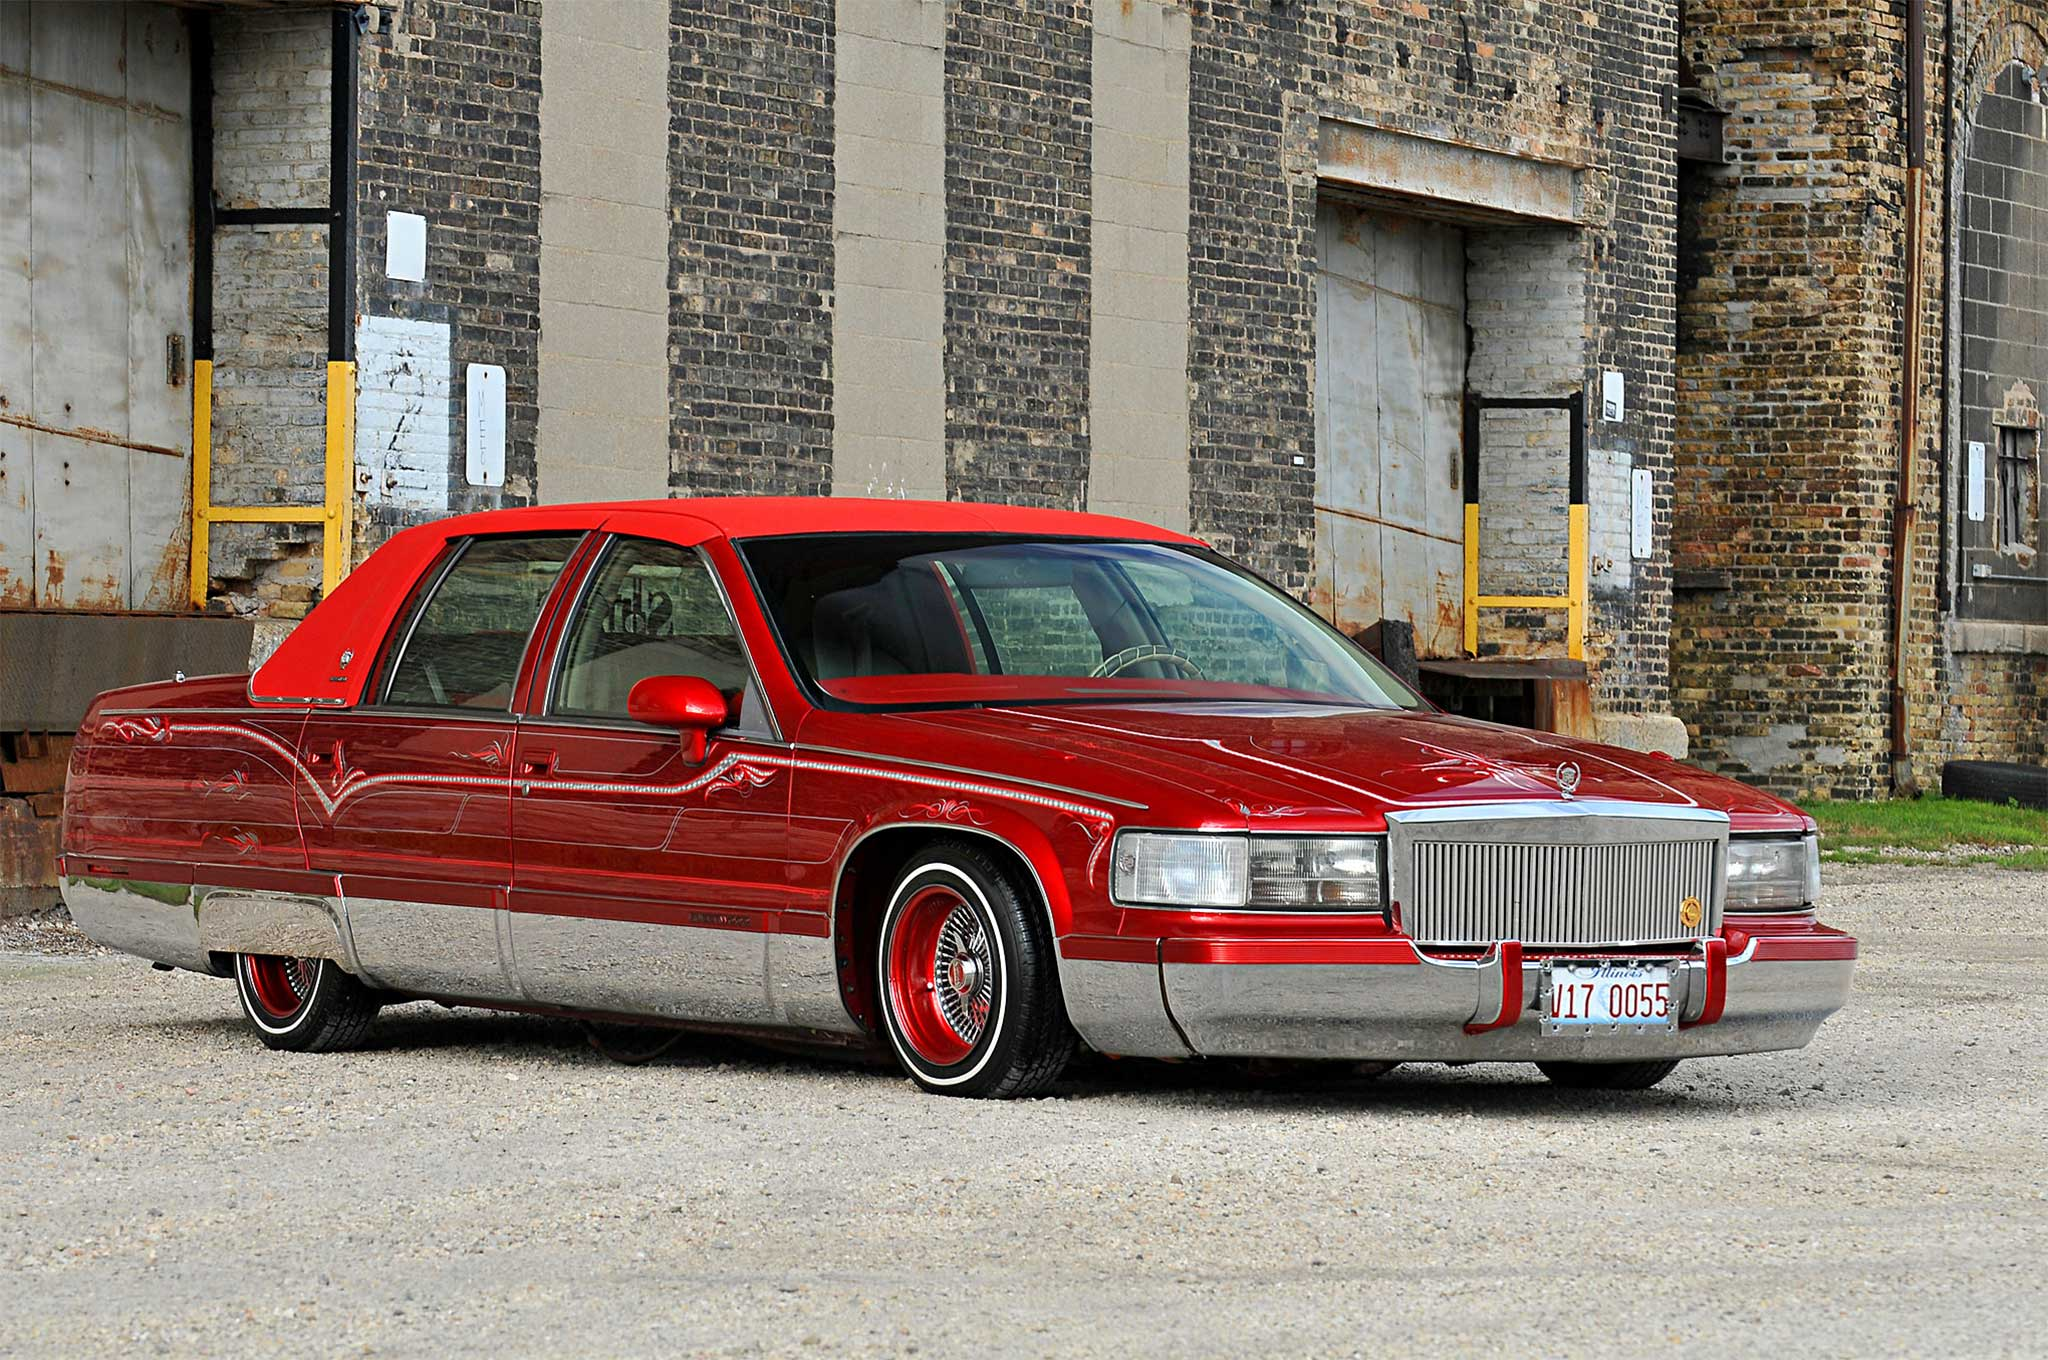 1994 Cadillac Fleetwood Brougham - A Sick Classic